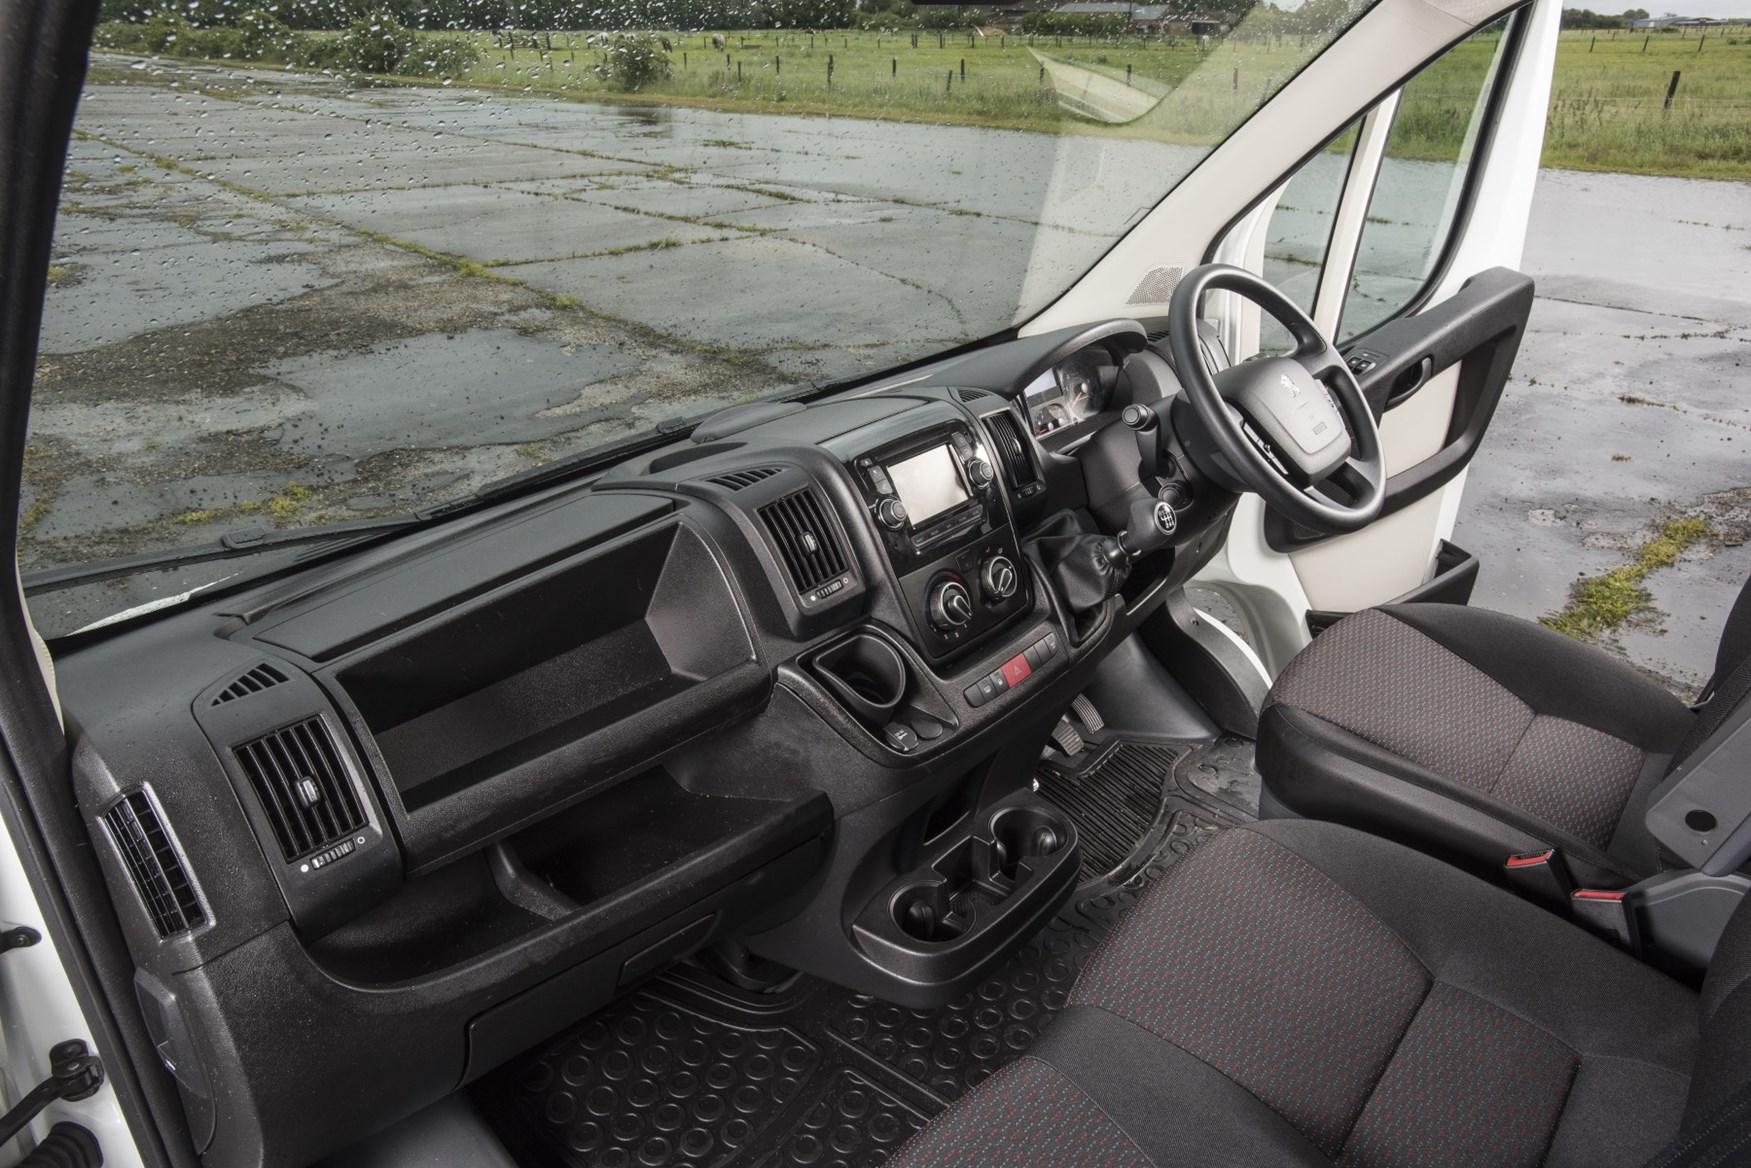 2019 Peugeot Boxer interior